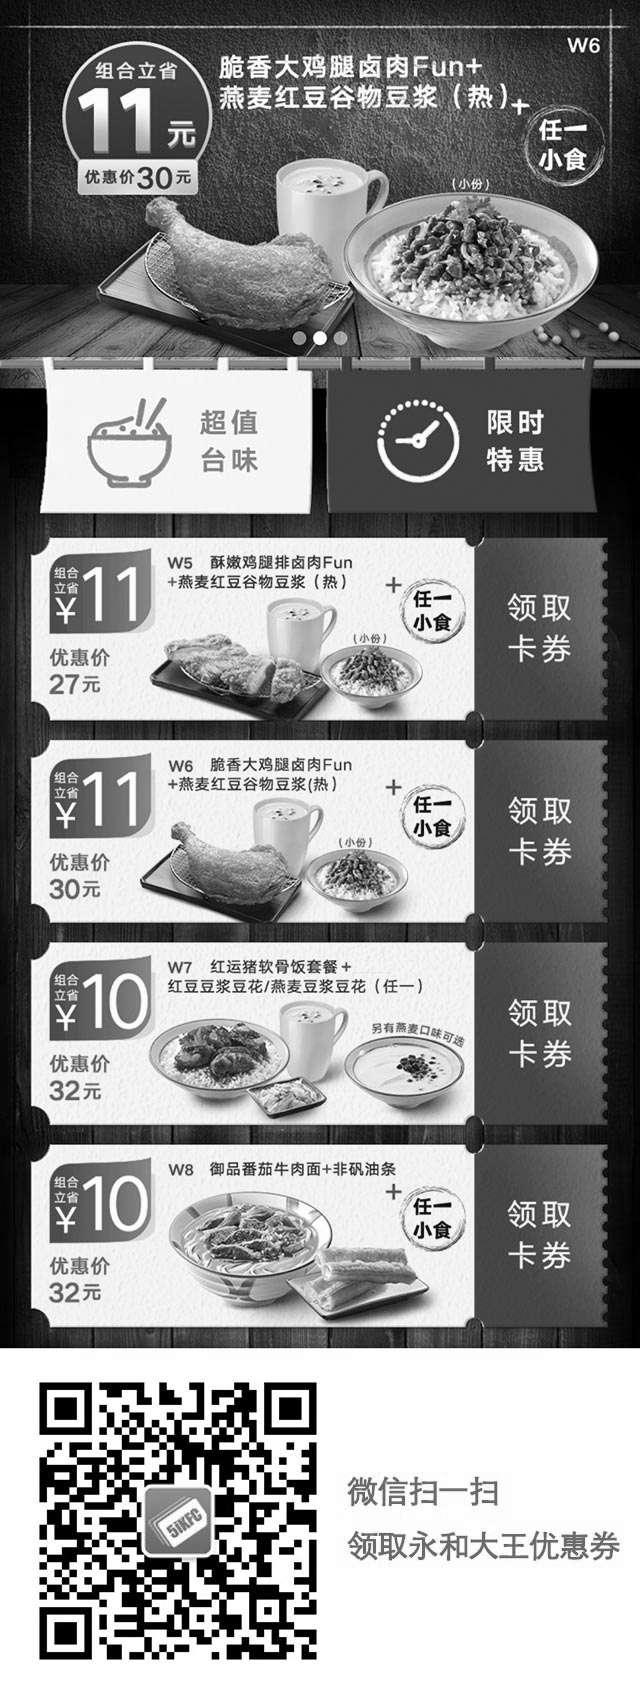 黑白优惠券图片:永和大王限时特惠优惠券2019年1月2月卡券领取,组合套餐优惠价27元起 - www.5ikfc.com